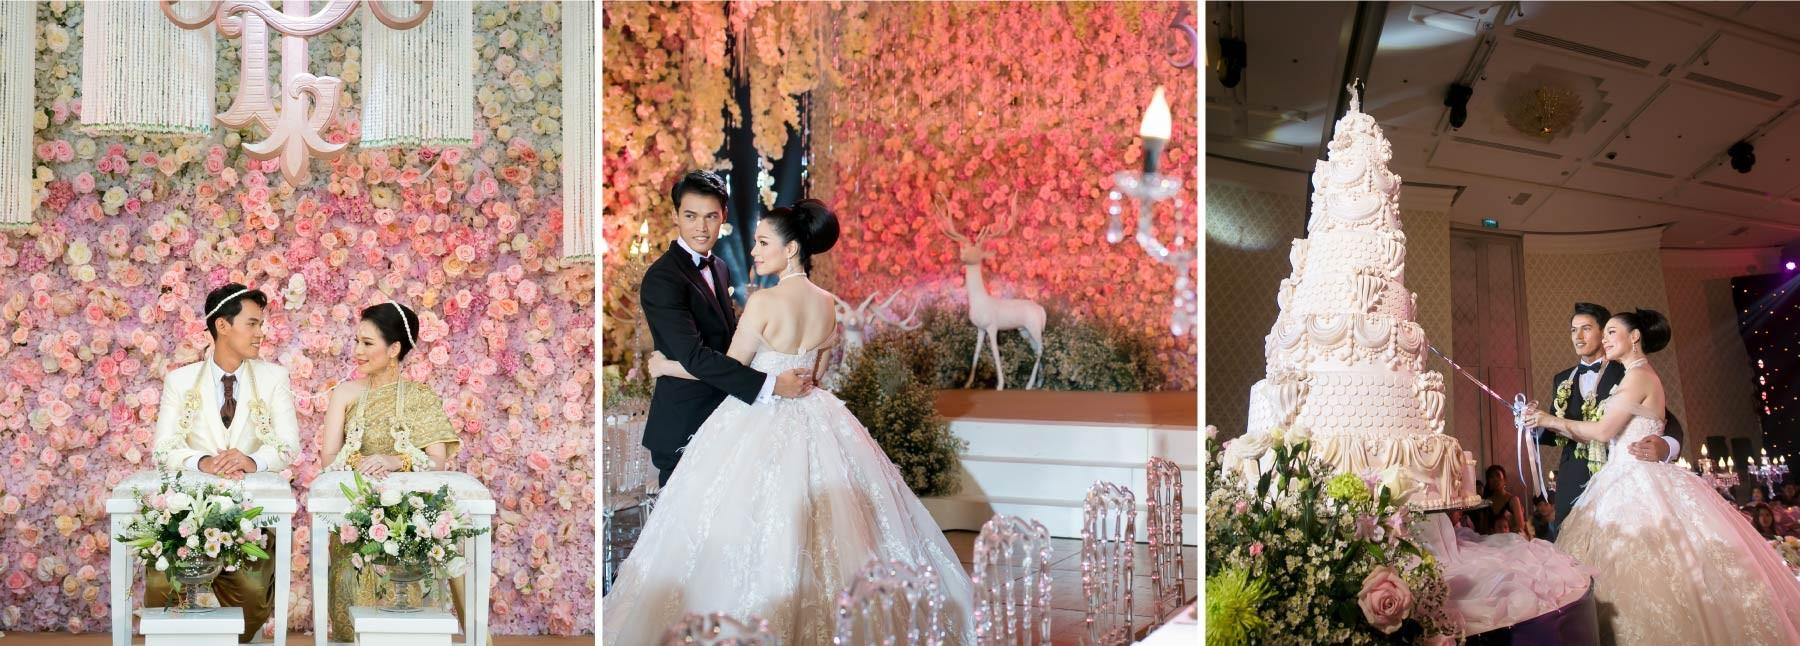 จัดงานแต่งงานในกรุงเทพ โรงแรมพูลแมน รางน้ำ